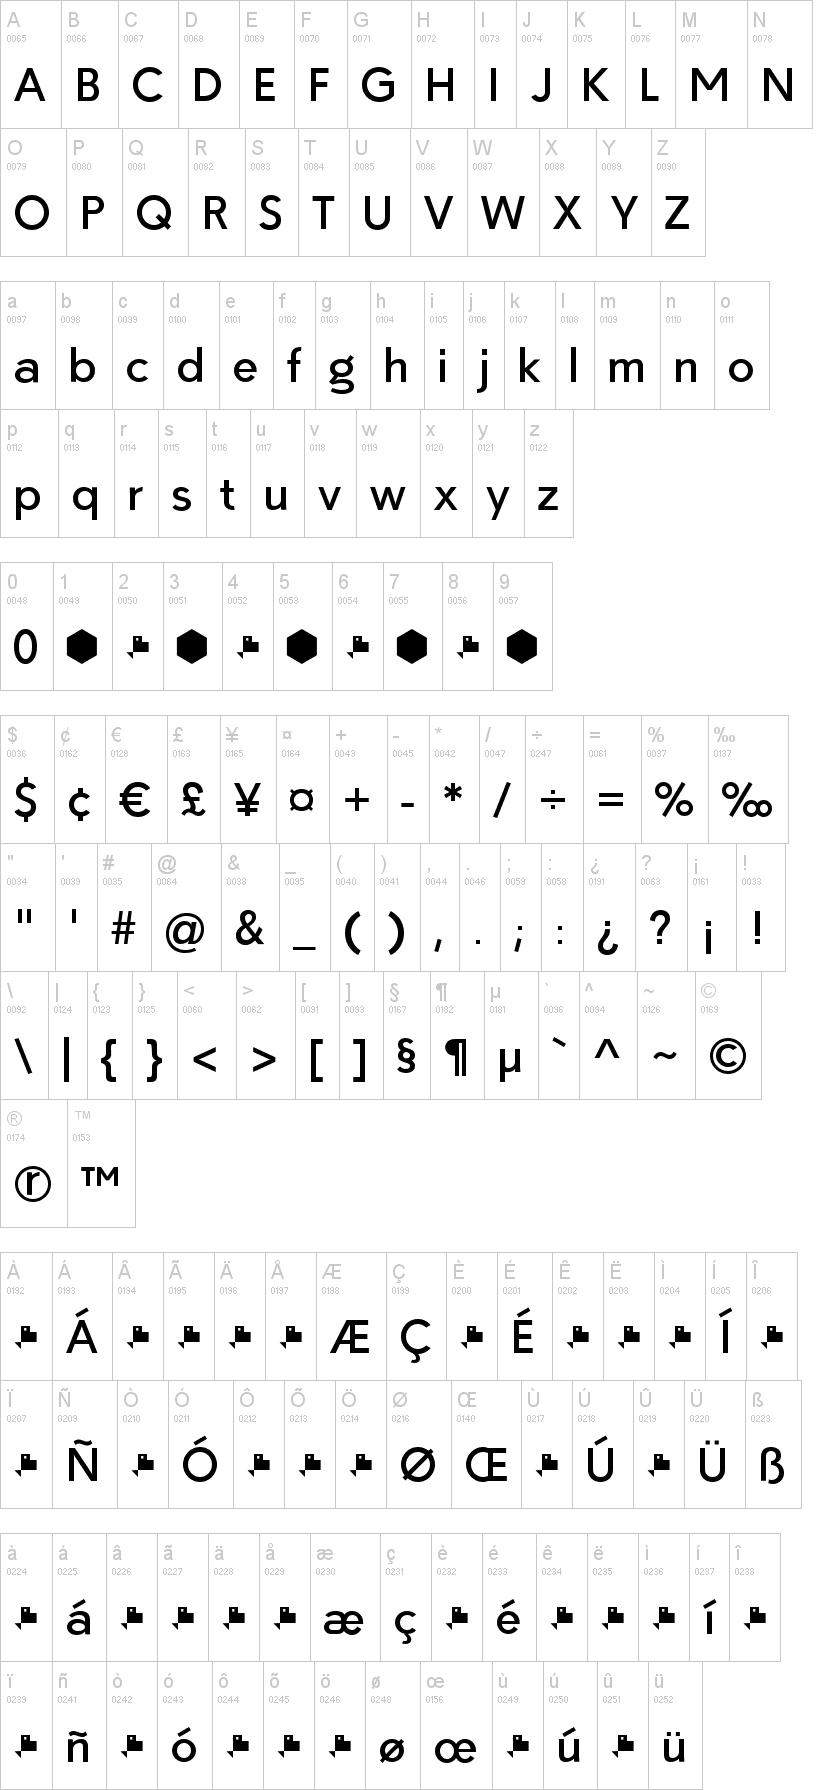 Paloseco Font | dafont com